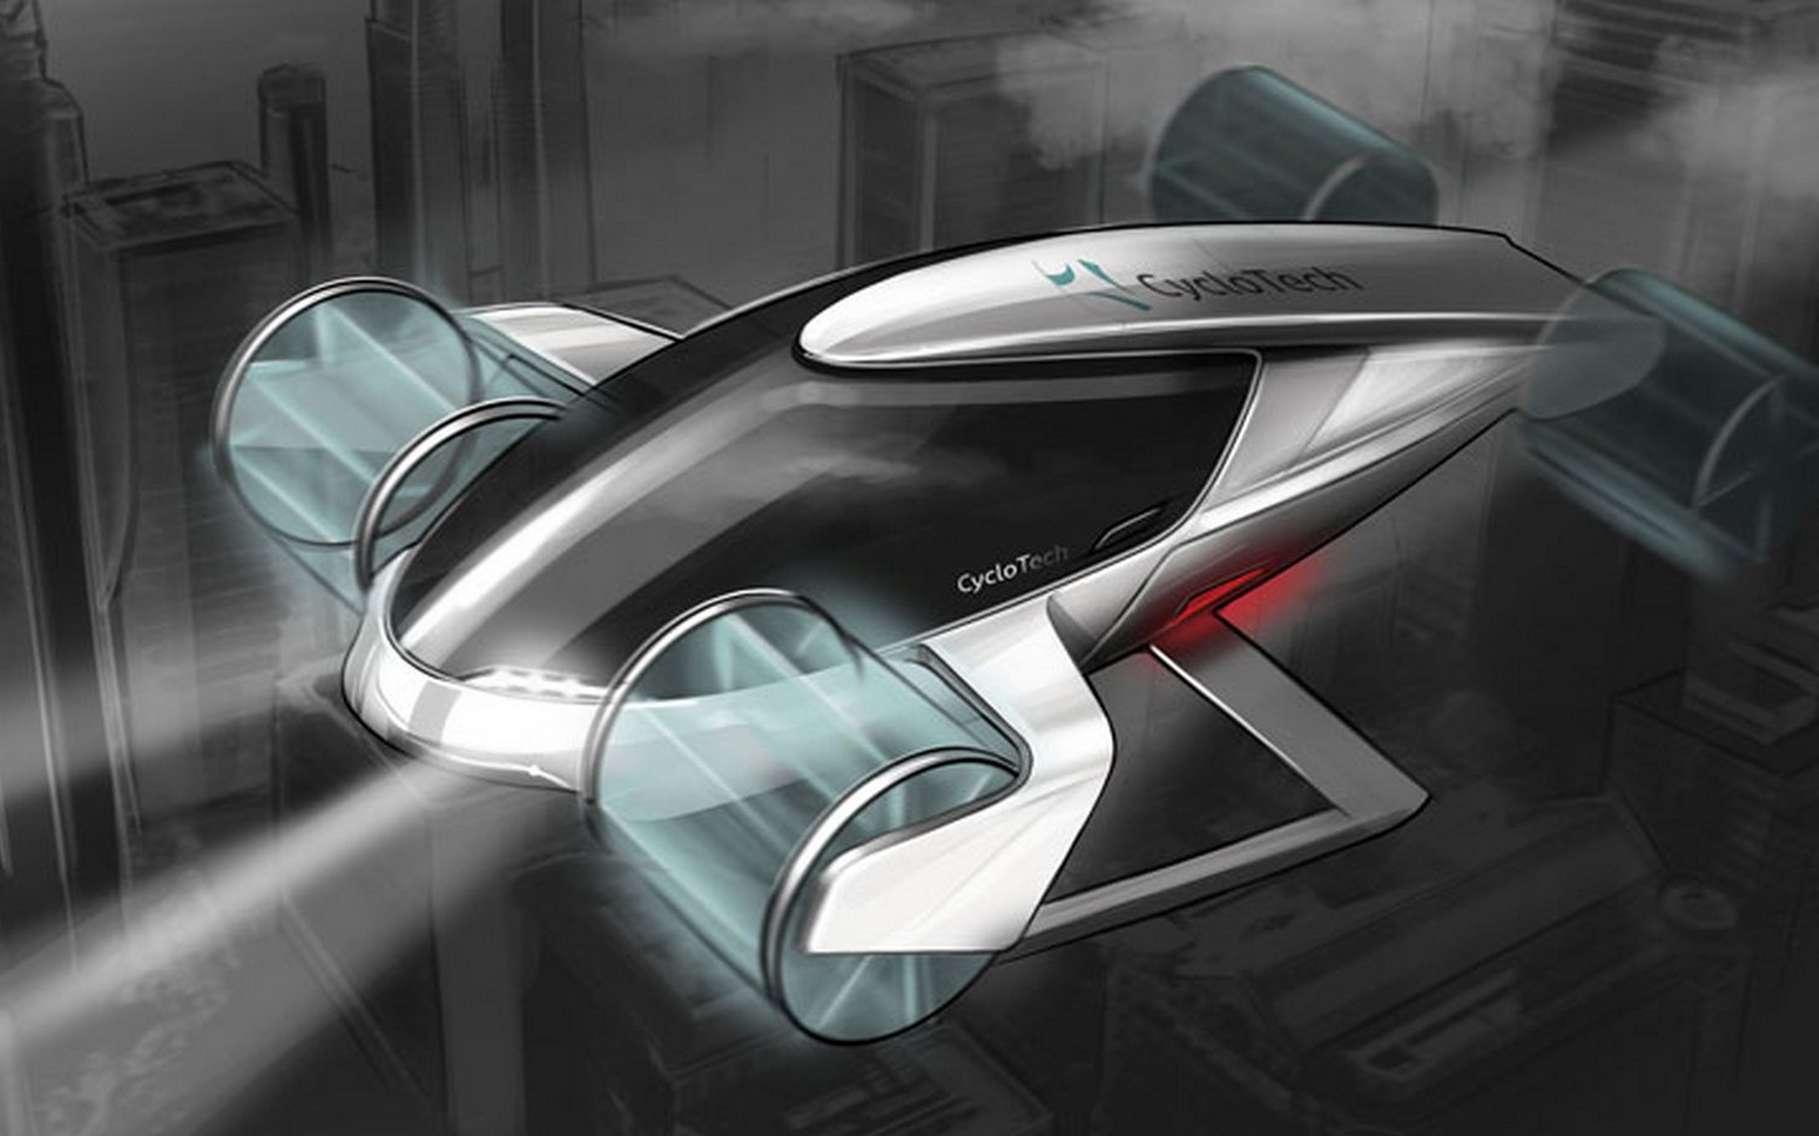 Ce taxi volant imaginé par CycloTech verra-t-il le jour ? © CycloTech